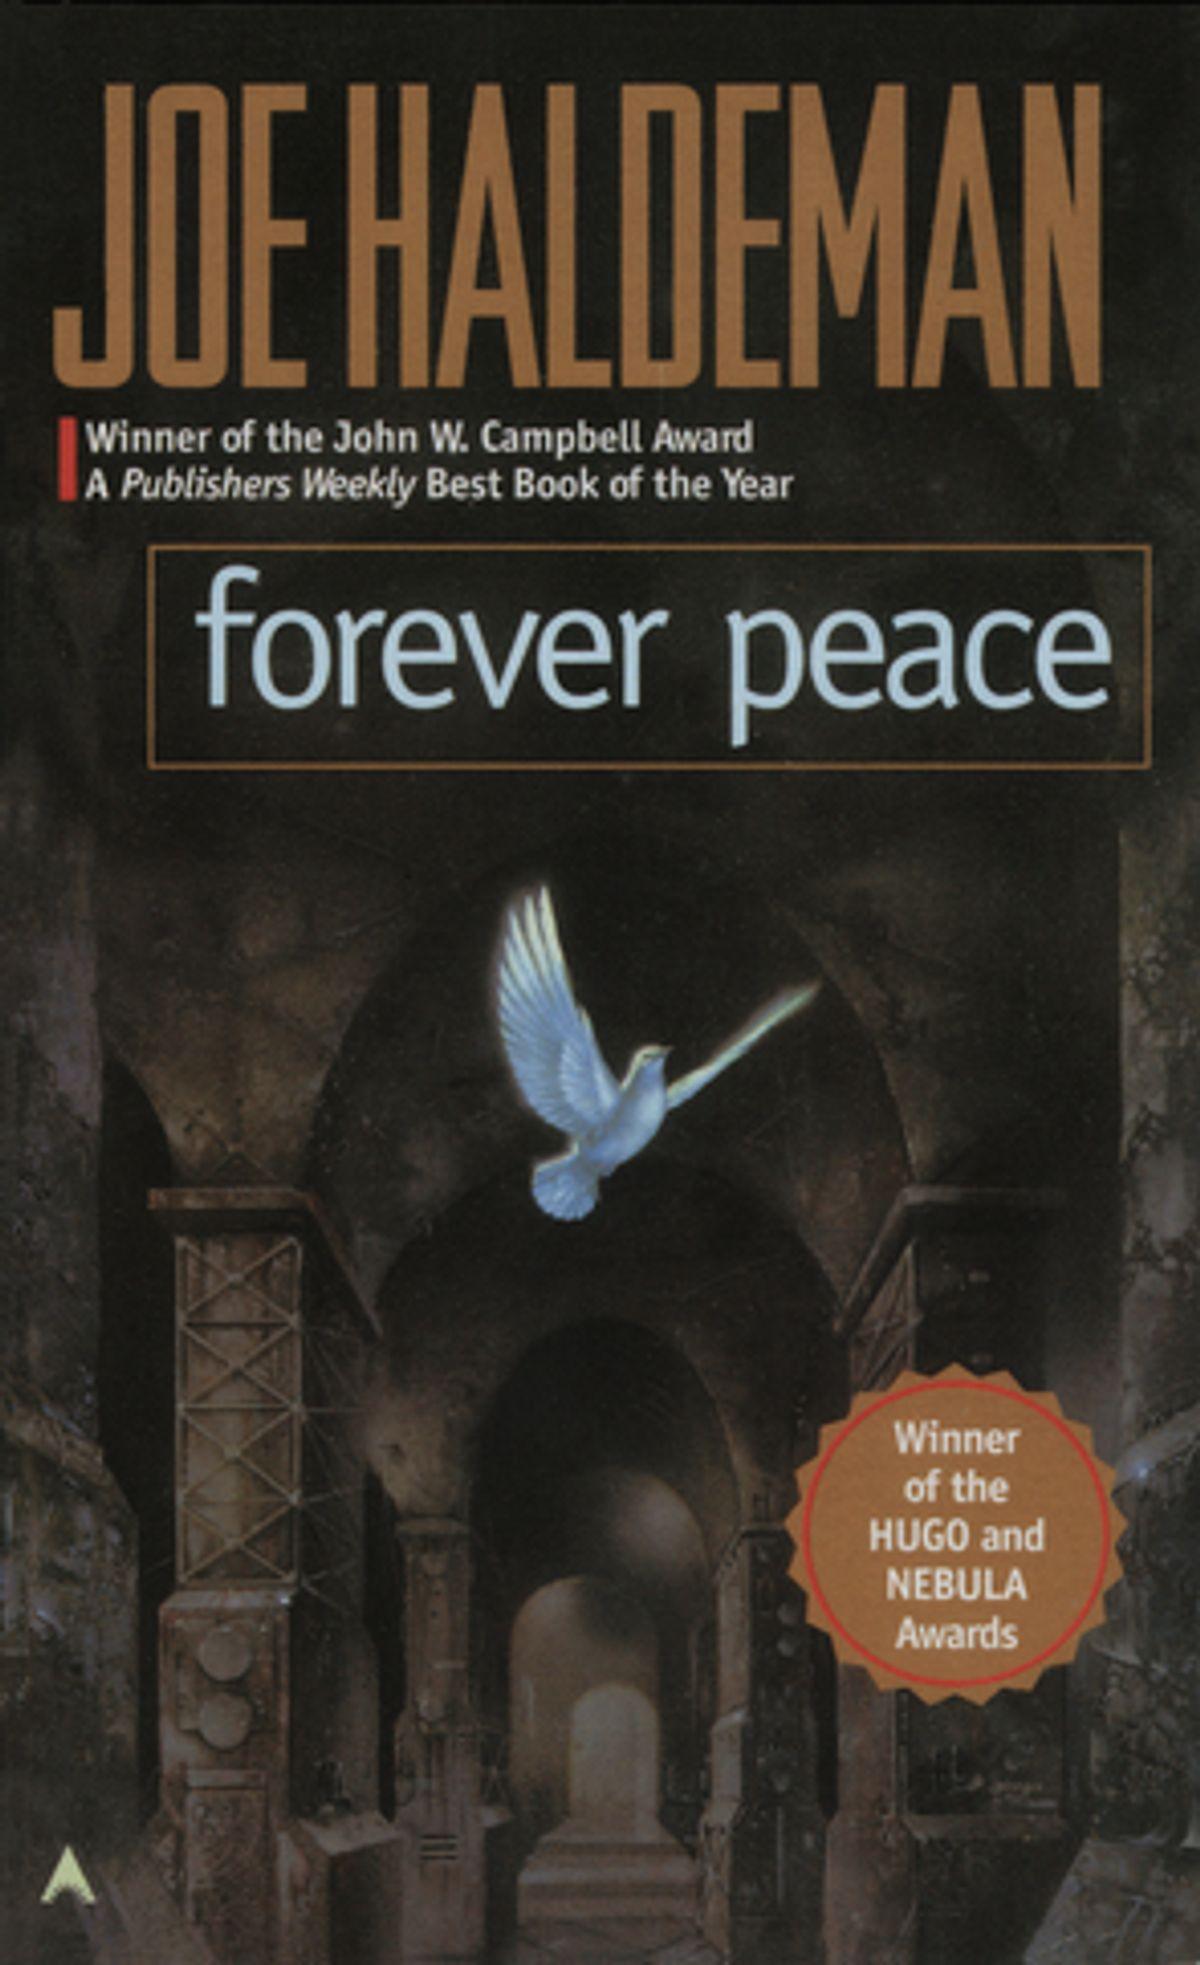 forever-peace.jpg